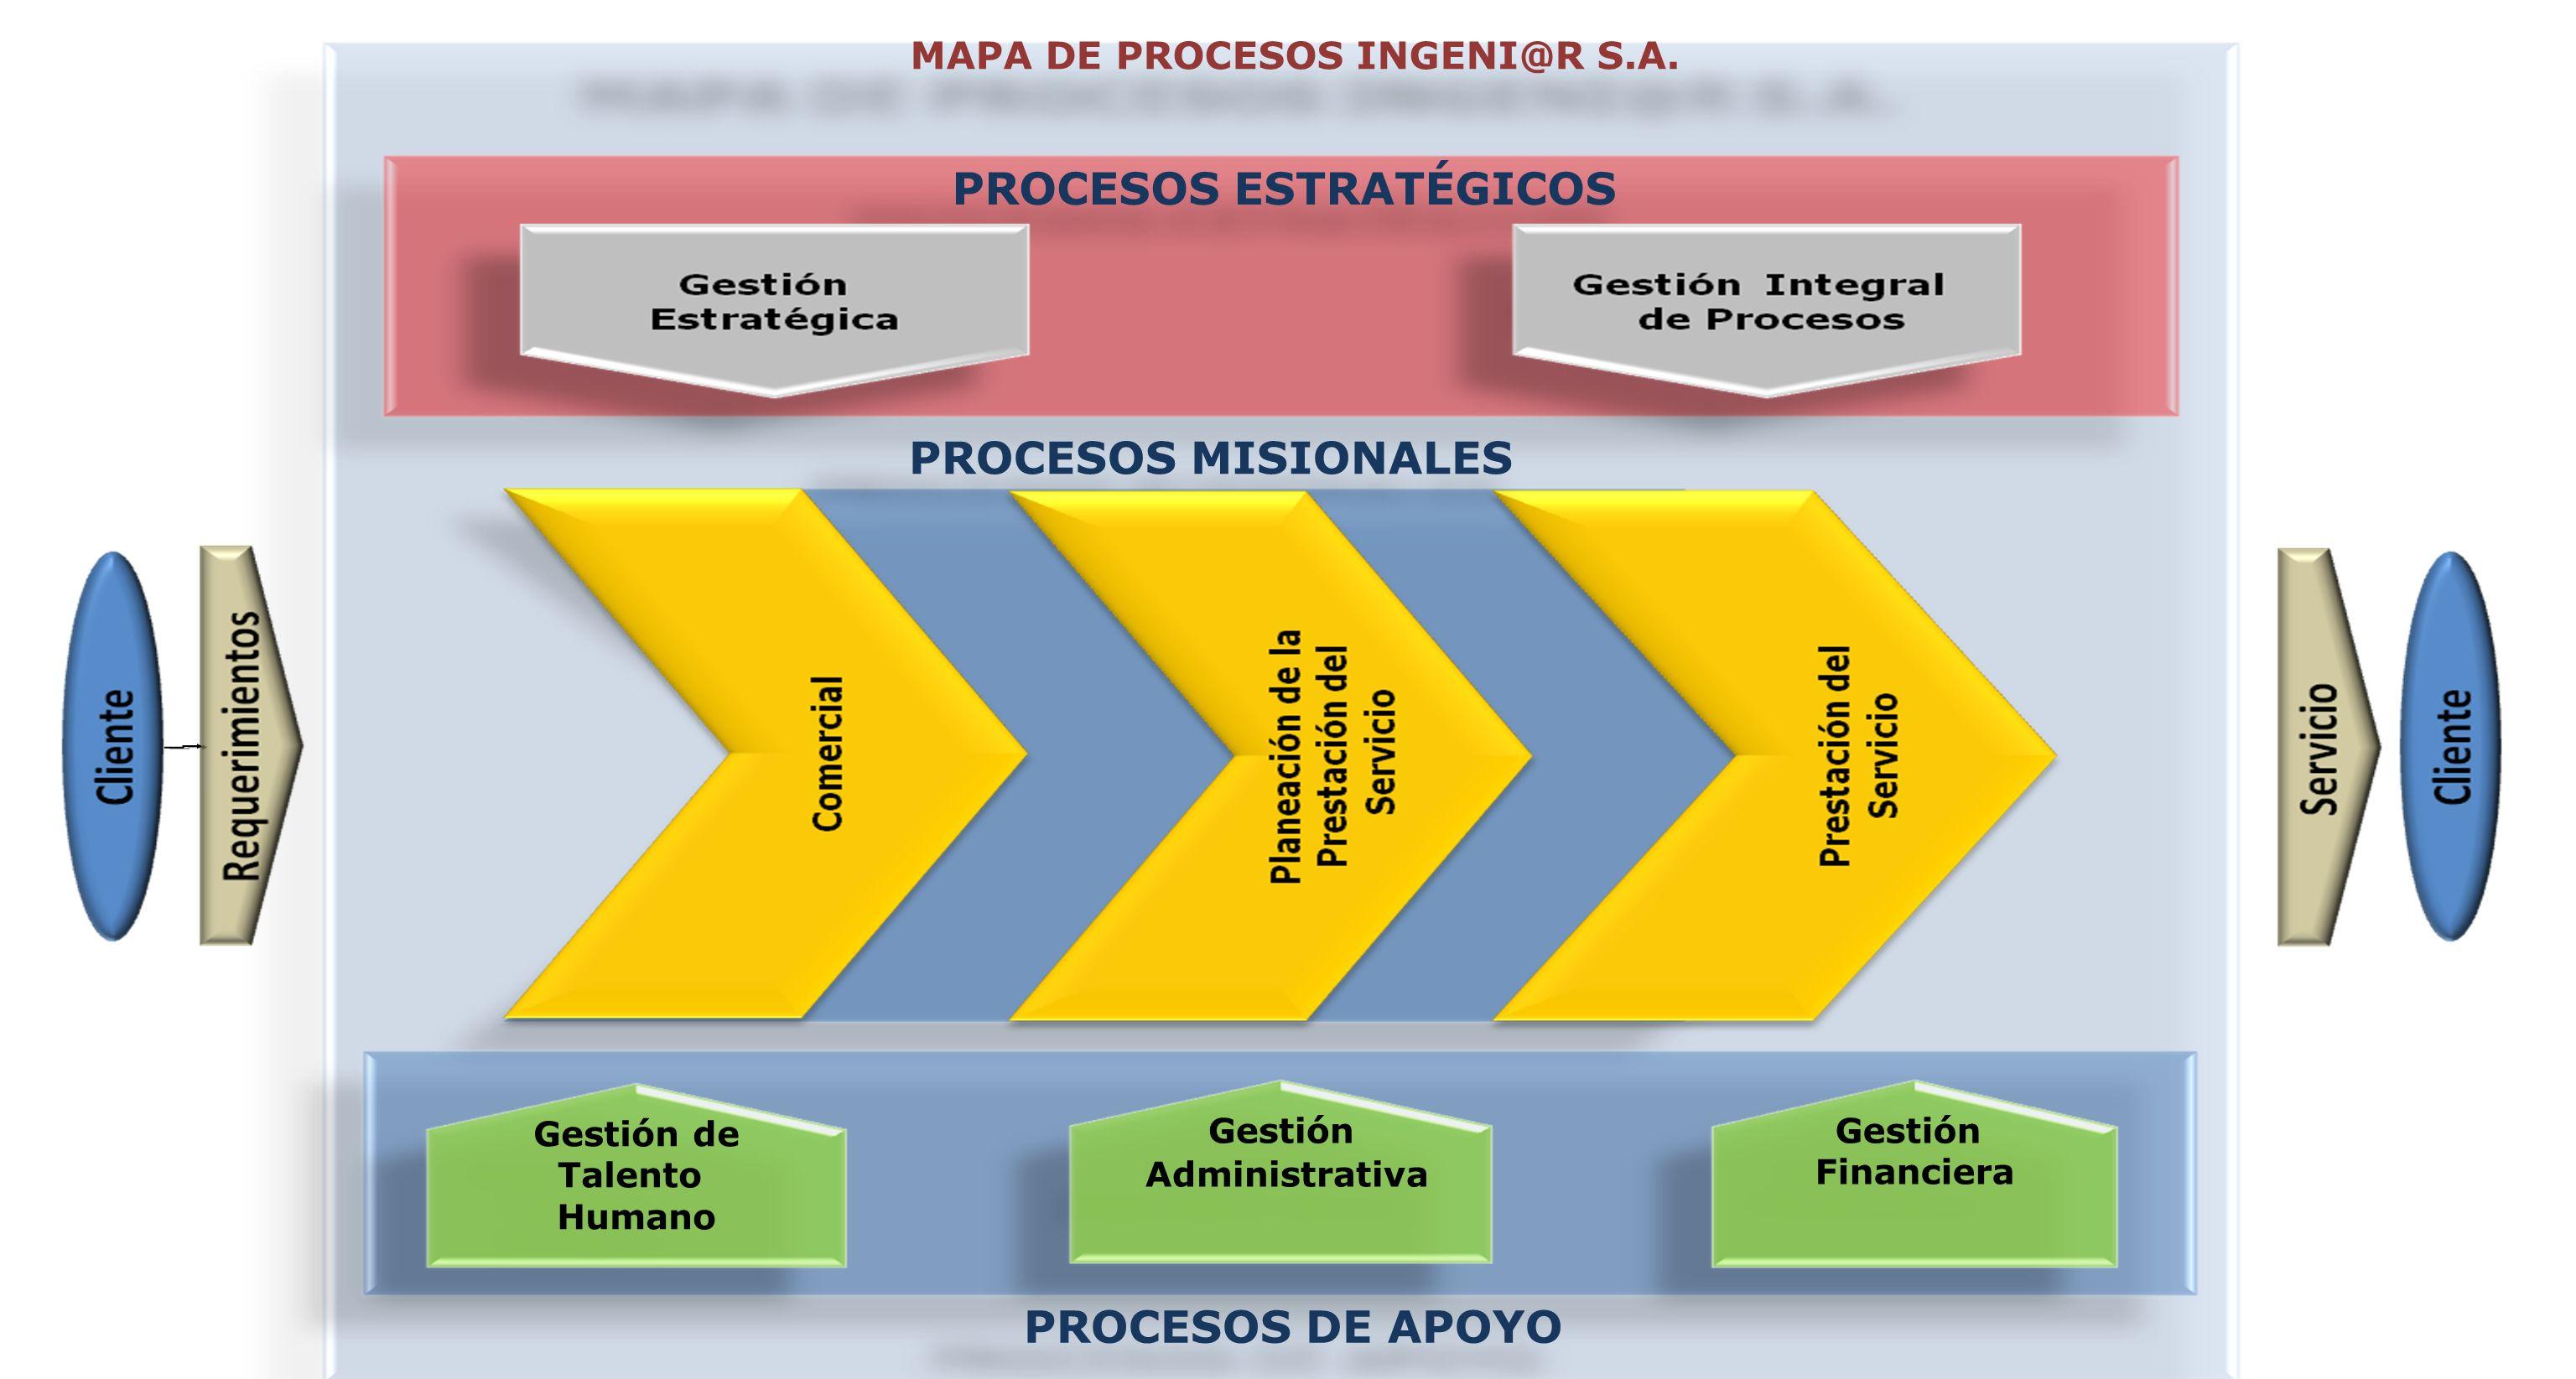 MACROPROCESO GESTIÓN JURÍDICO ADMINISTRATIVO GESTION JURÍDICA ADQUISICIÓN DE BIENES, OBRAS Y SERVICIOS Defensa de lo Público Soporte y Asesoría jurídica ADMINISTRACIÓN DE BIENES IN MUEBLES, MUEBLES Y AUTOMOTORES Gestión de Infracciones MACROPROCESO DE GESTIÓN JURIDICO ADMINISTRATIVO Objetivo: Brindar soporte administrativo y jurídico en todas las actuaciones de la Administración Central del Municipio y mantener el buen funcionamiento de los recursos físicos requeridos, para su buen desempeño y la defensa de sus intereses.